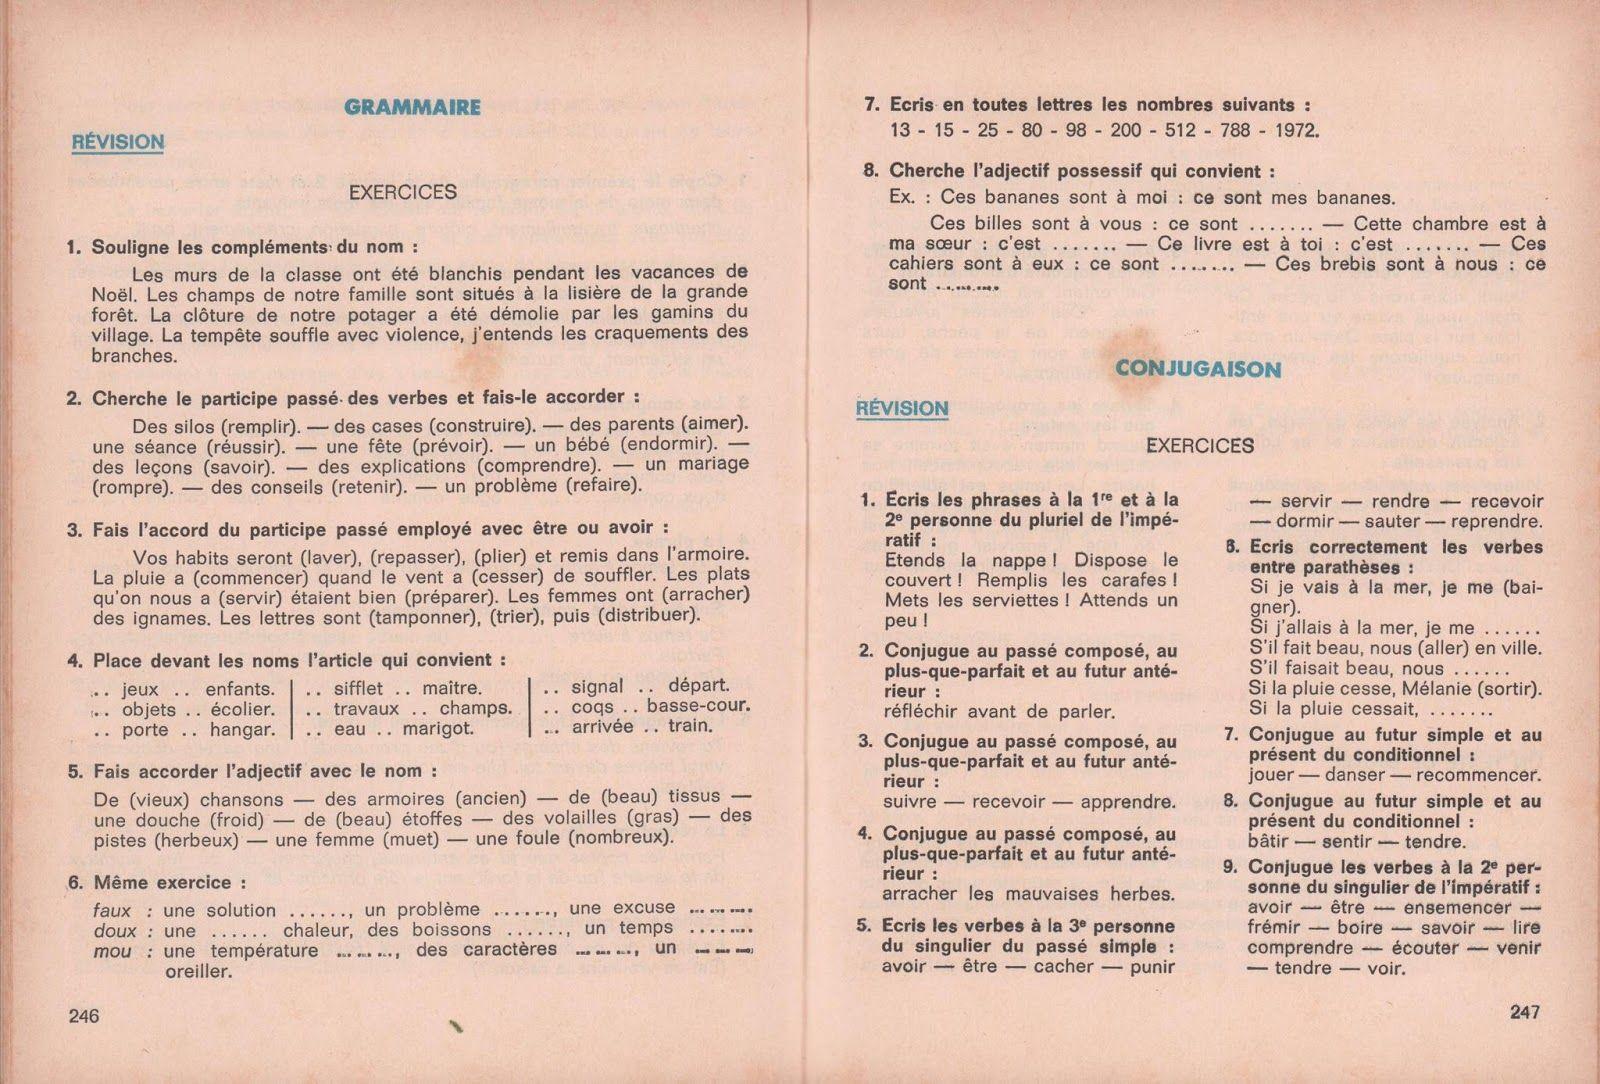 Macaire Barre Baud Mon Livre Unique De Francais Cm1 1972 Grandes Images Manuel Scolaire Francais Cm1 Macaire